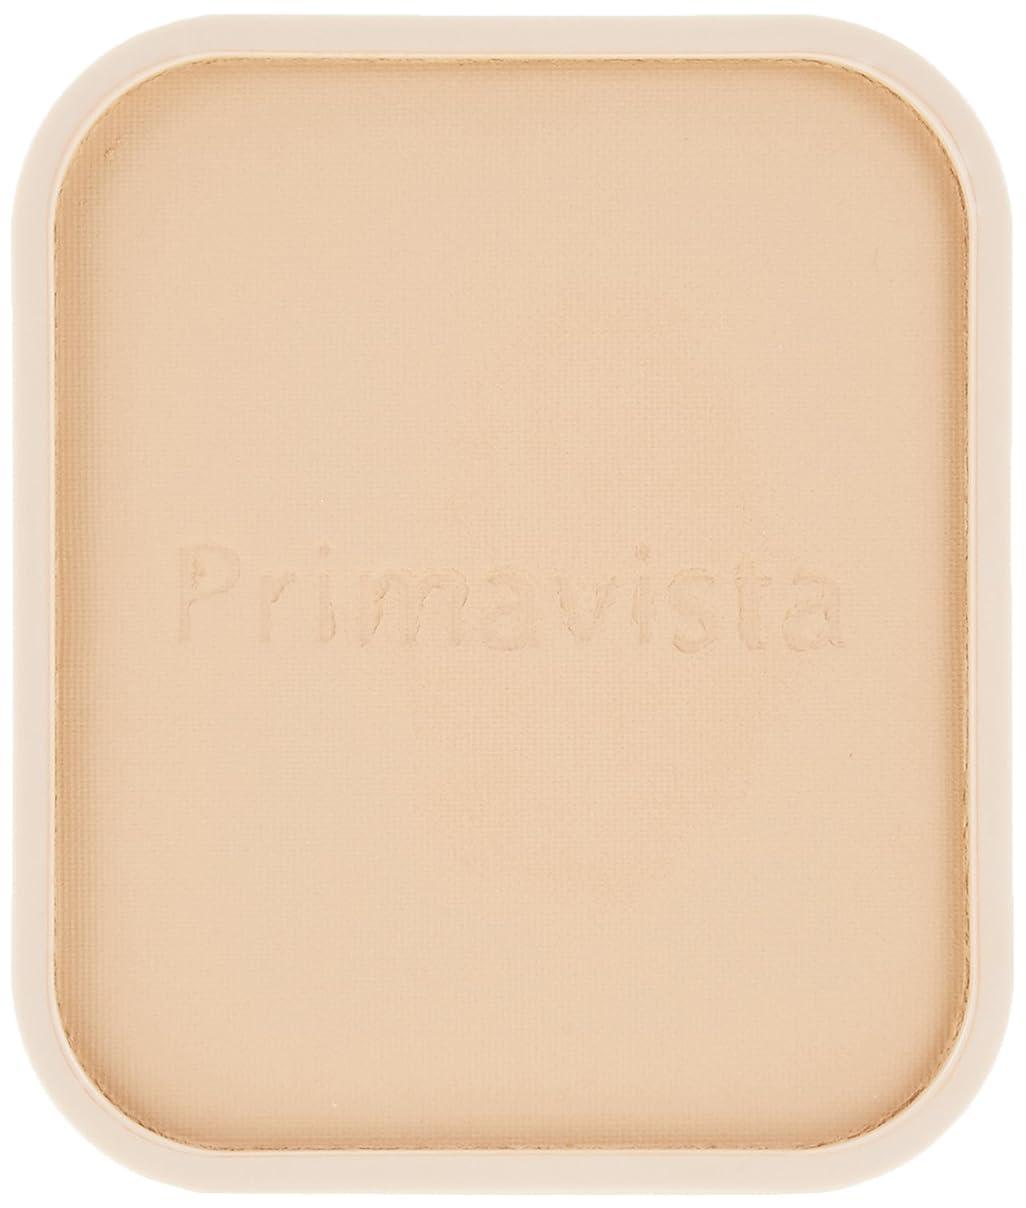 五月おそらくエントリソフィーナ プリマヴィスタ くずれにくい 化粧のり実感パウダーファンデーションUV ベージュオークル03 レフィル